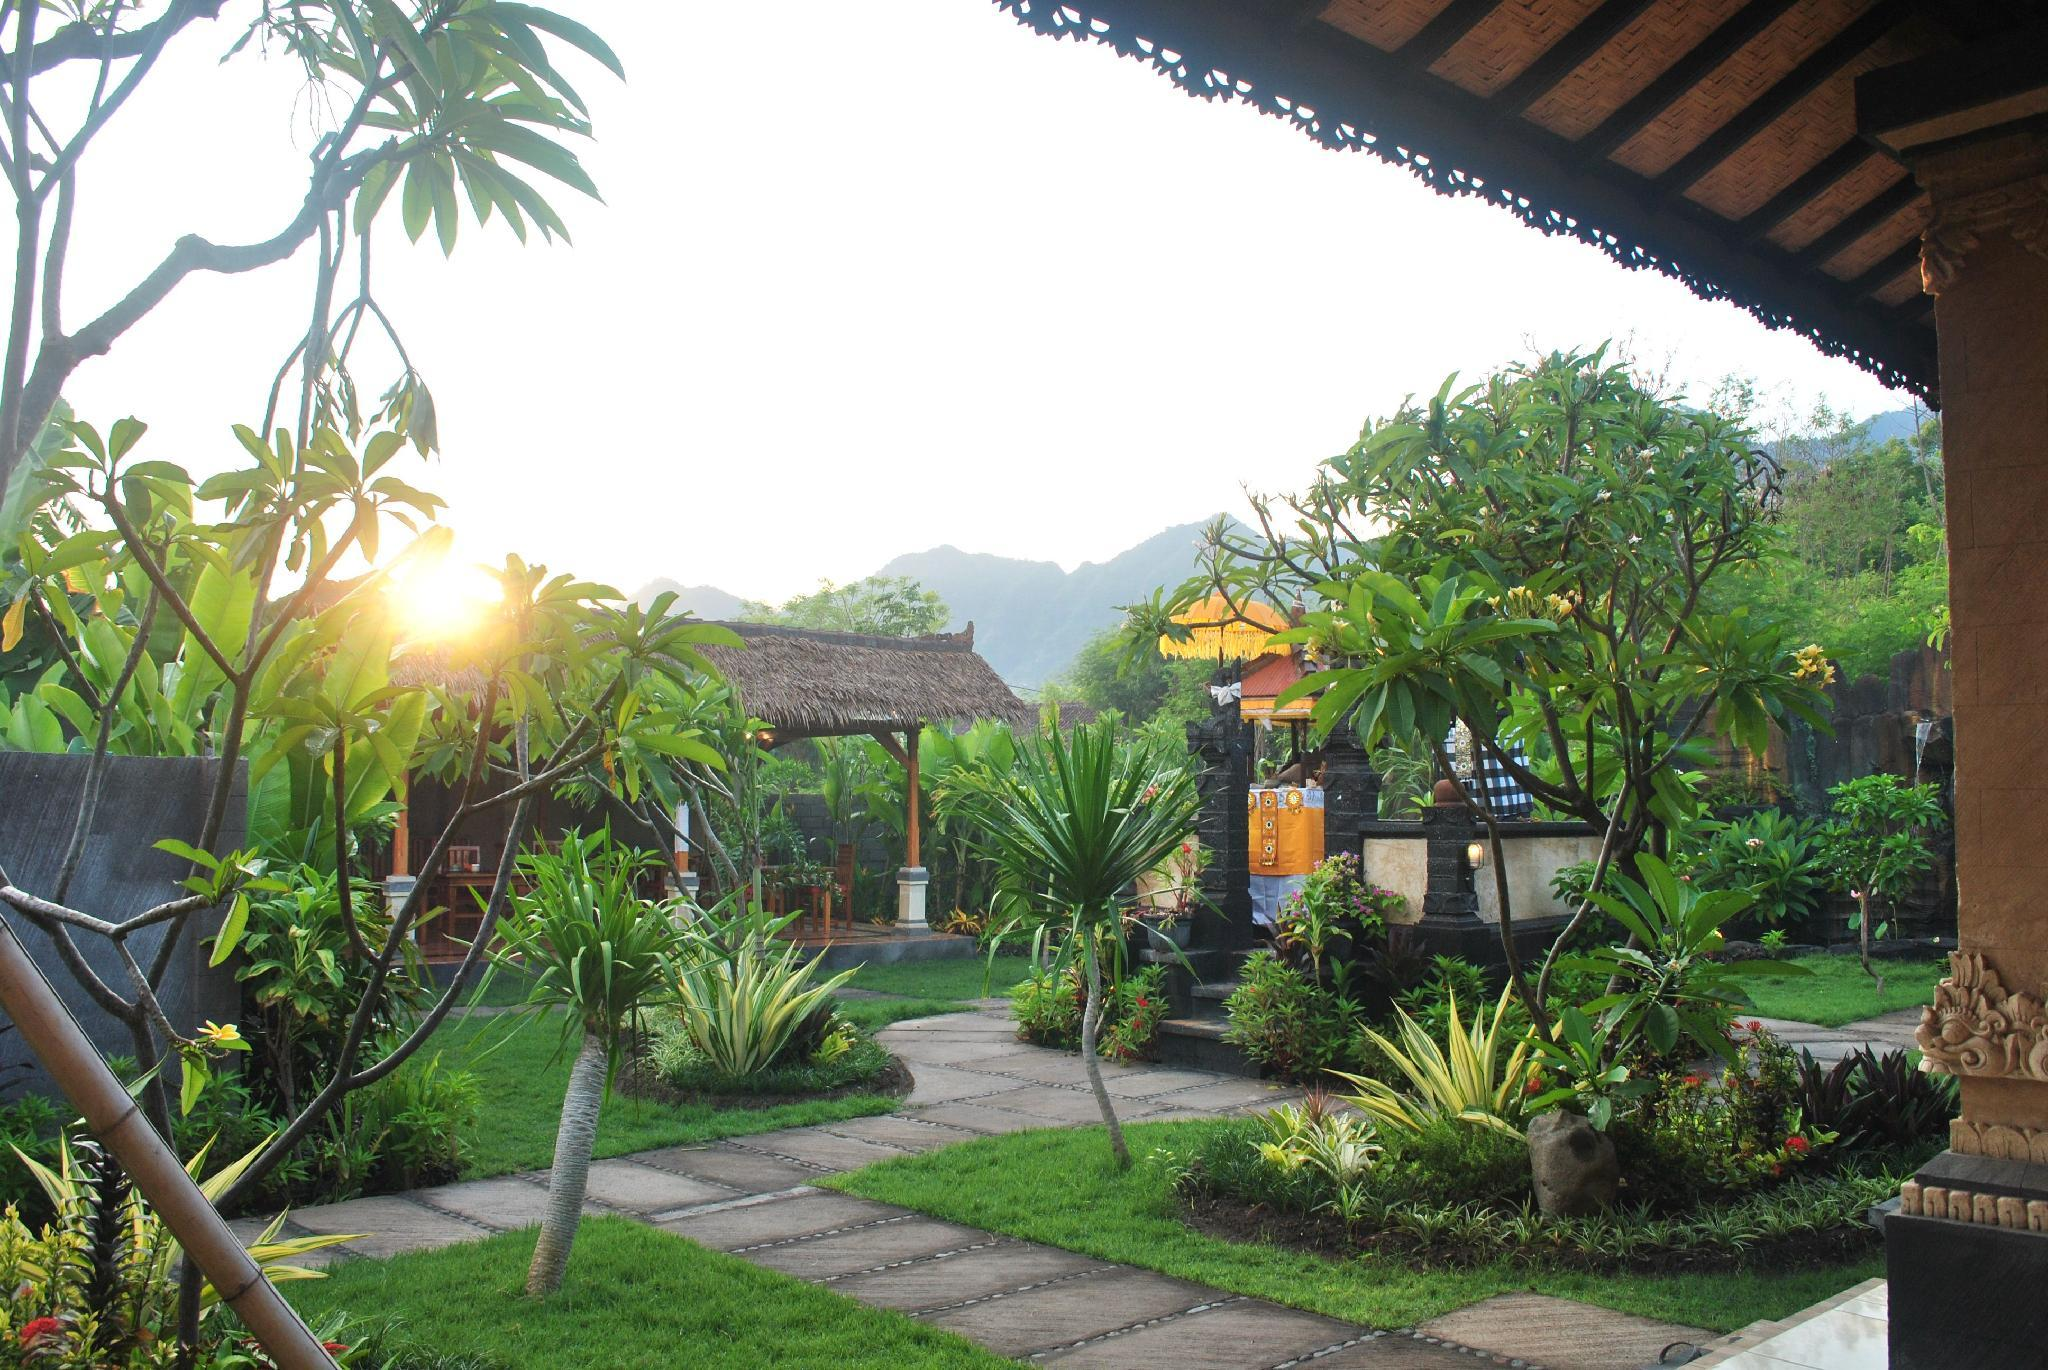 Trijaya Guest House Pemuteran, Buleleng